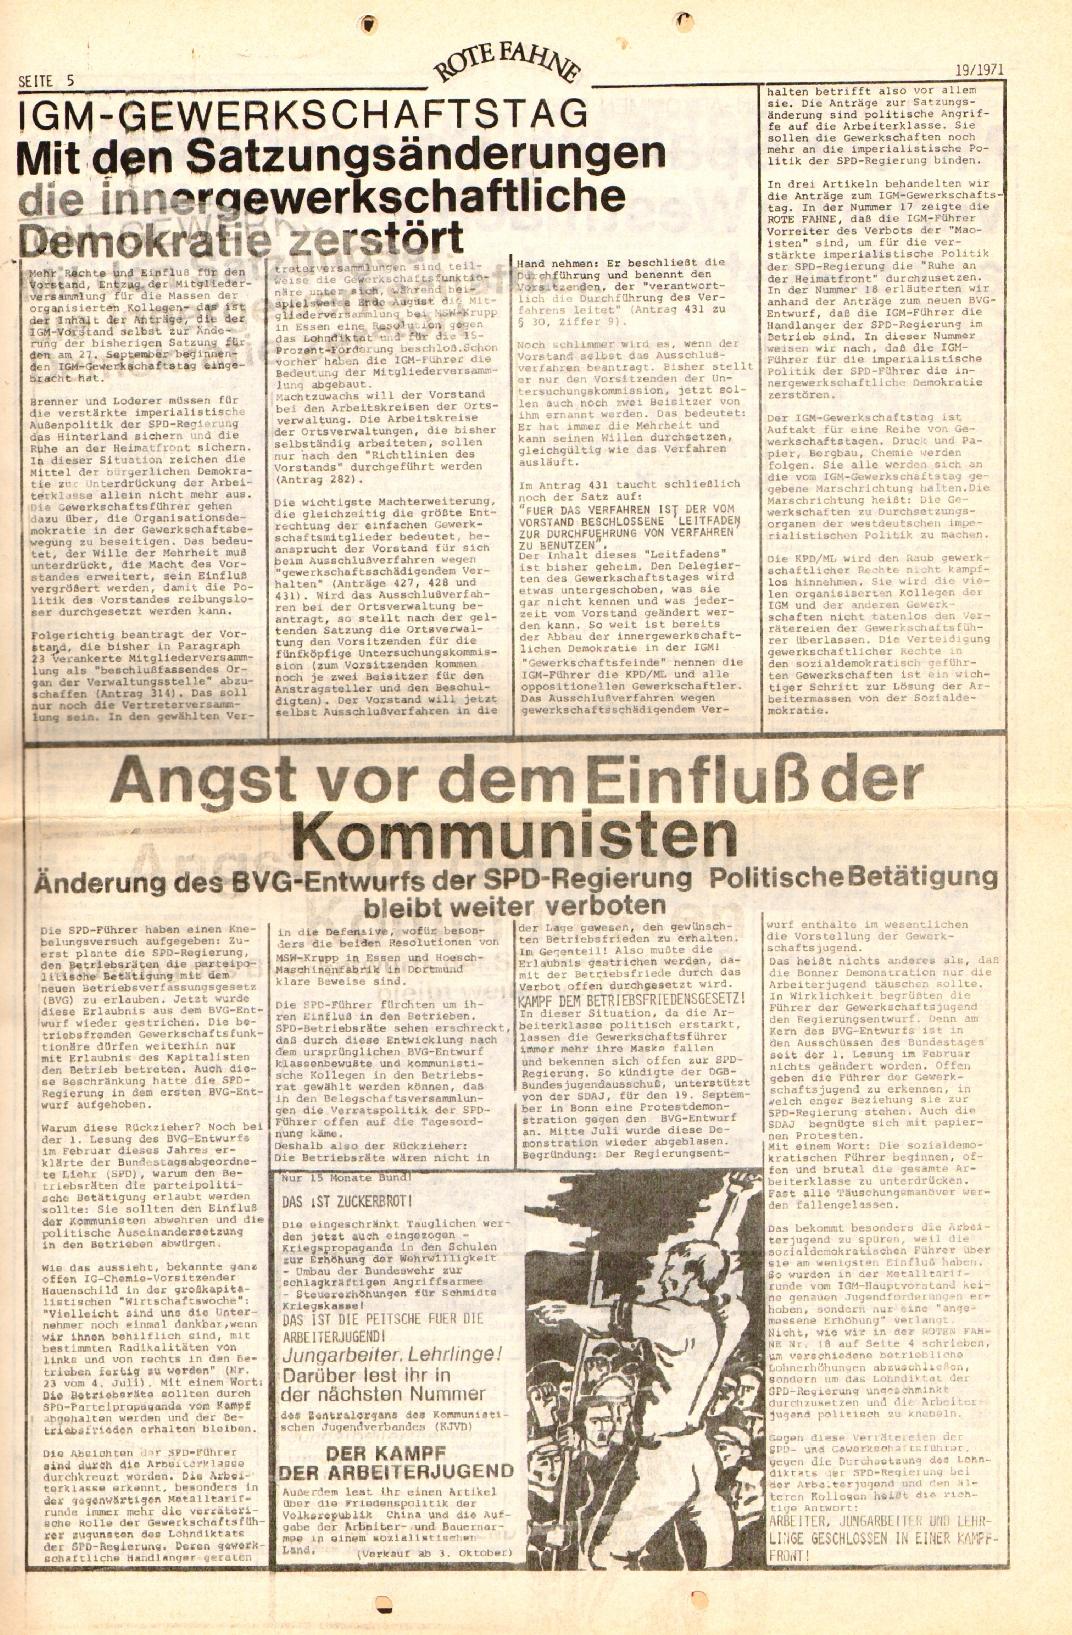 Rote Fahne, 2. Jg., 27.9.1971, Nr. 19, Seite 5